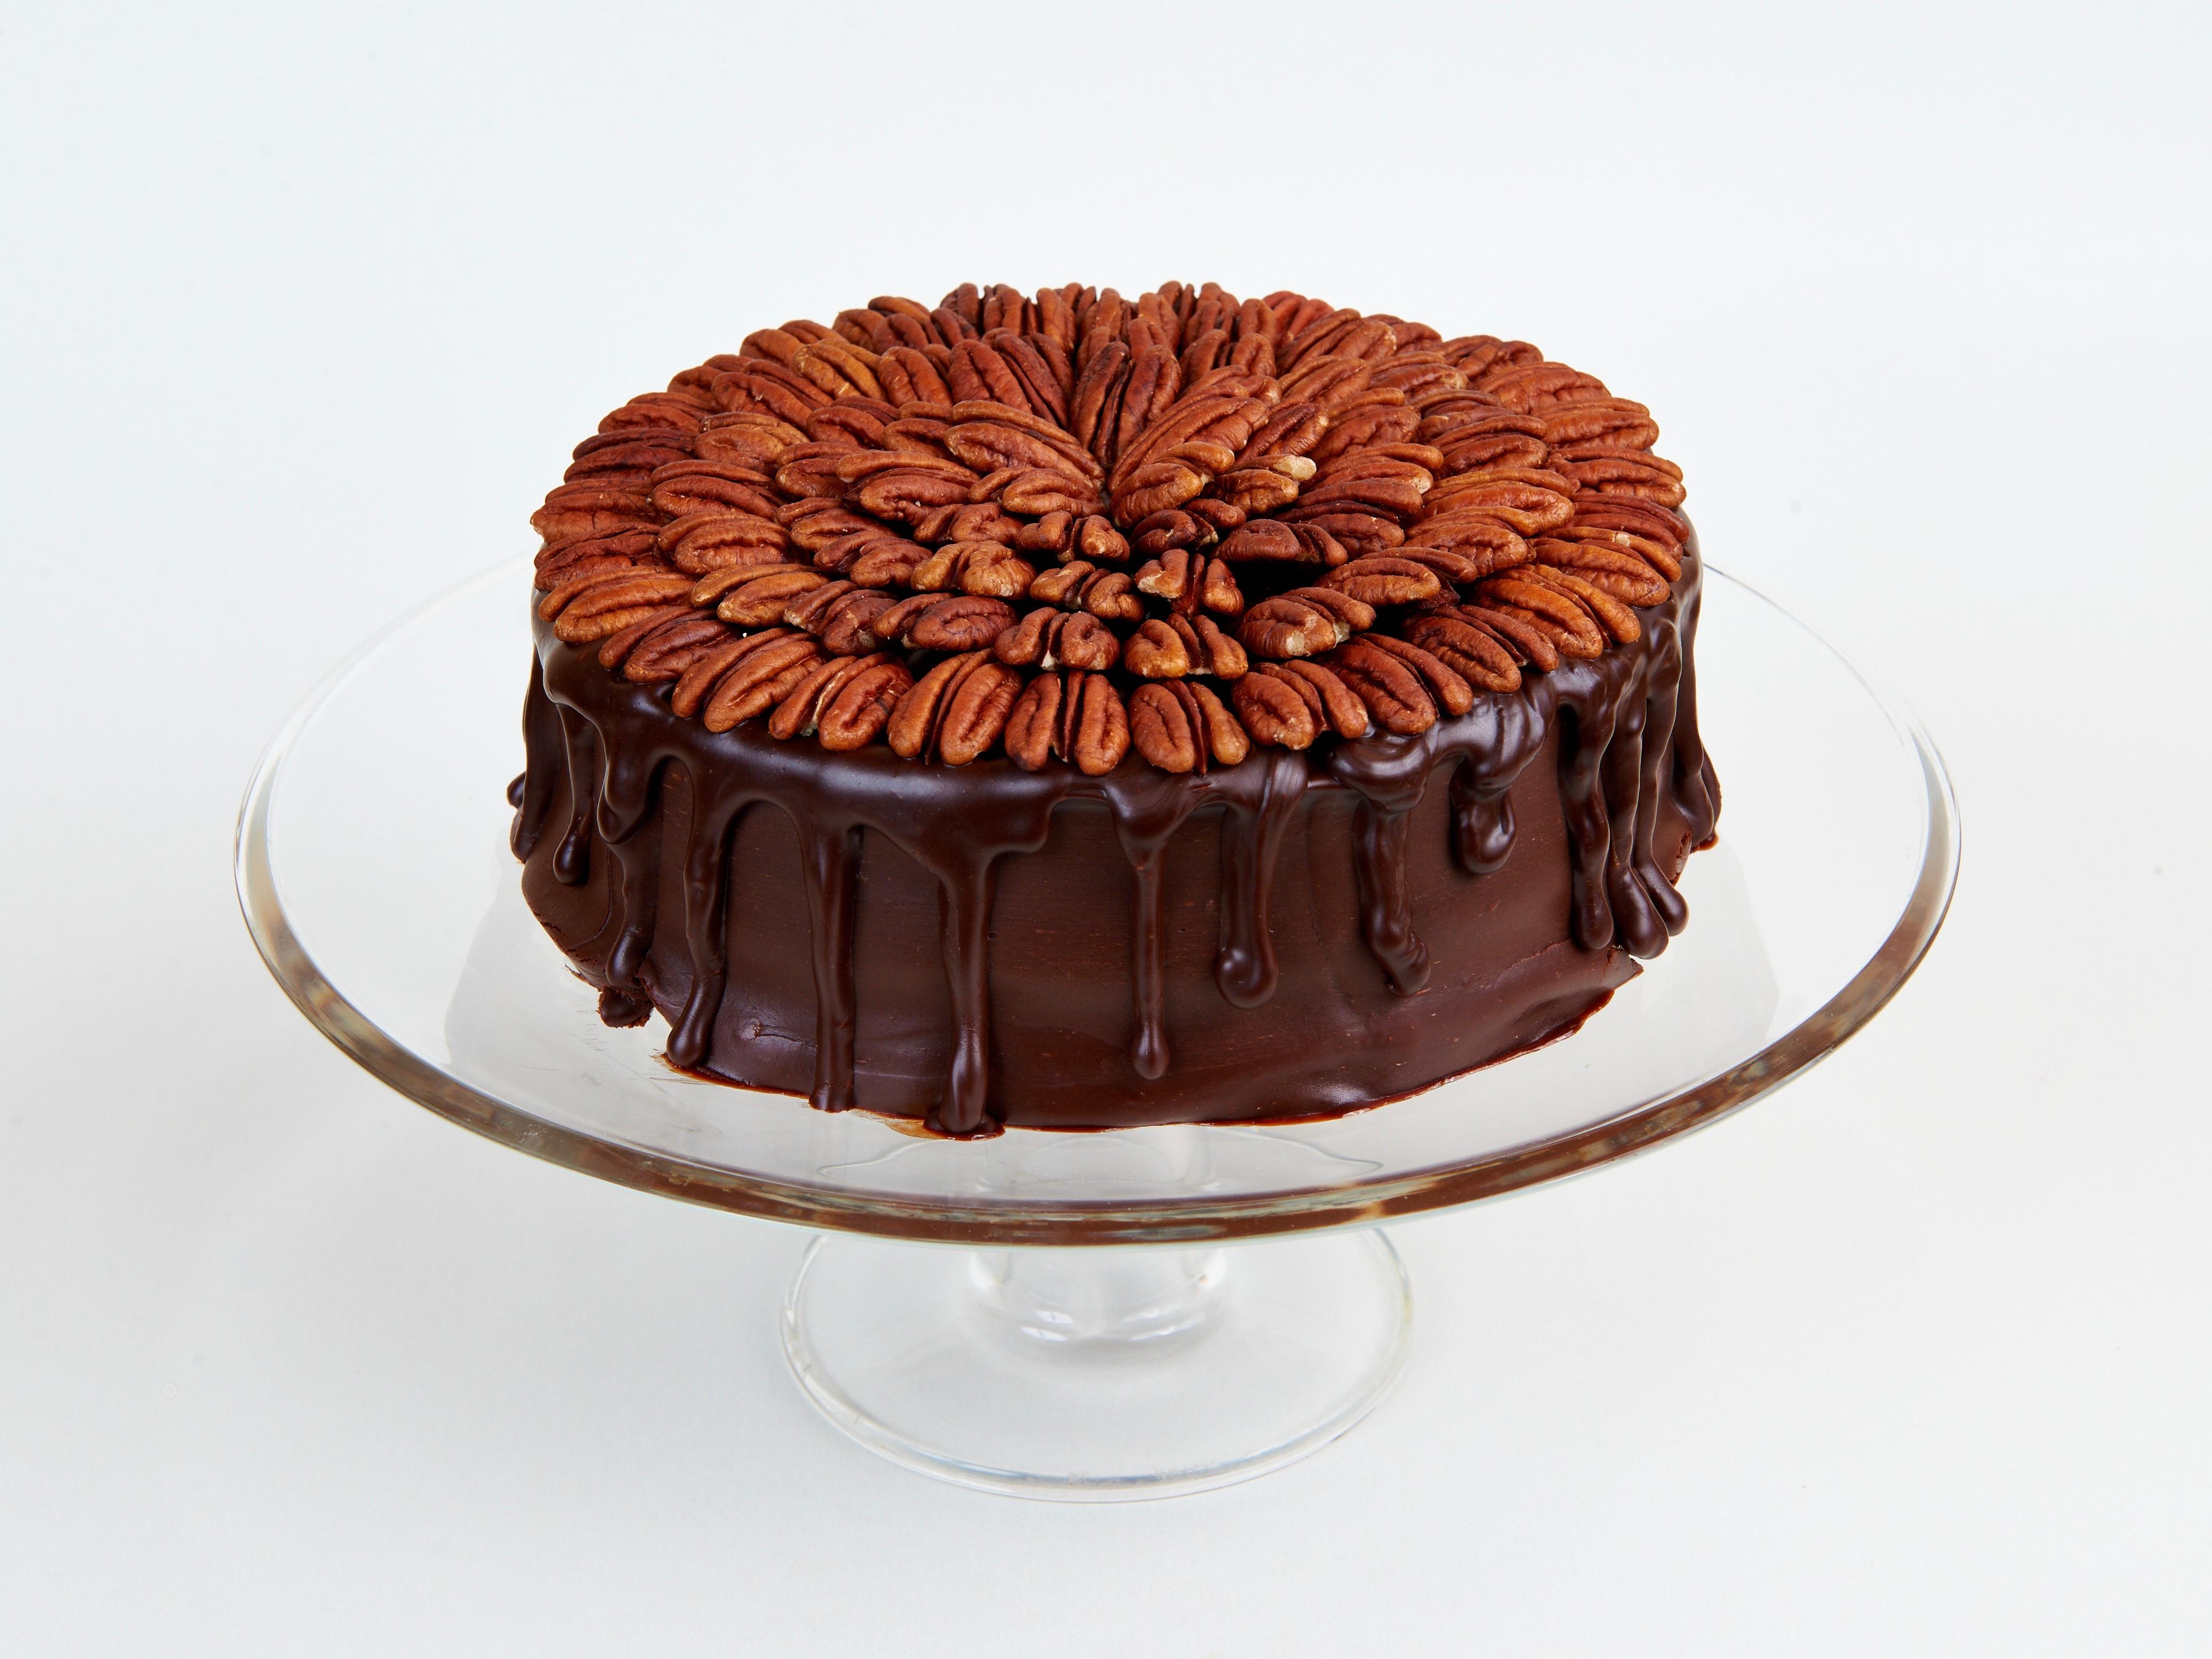 Торт Шоколадный с орехом пекан<br>